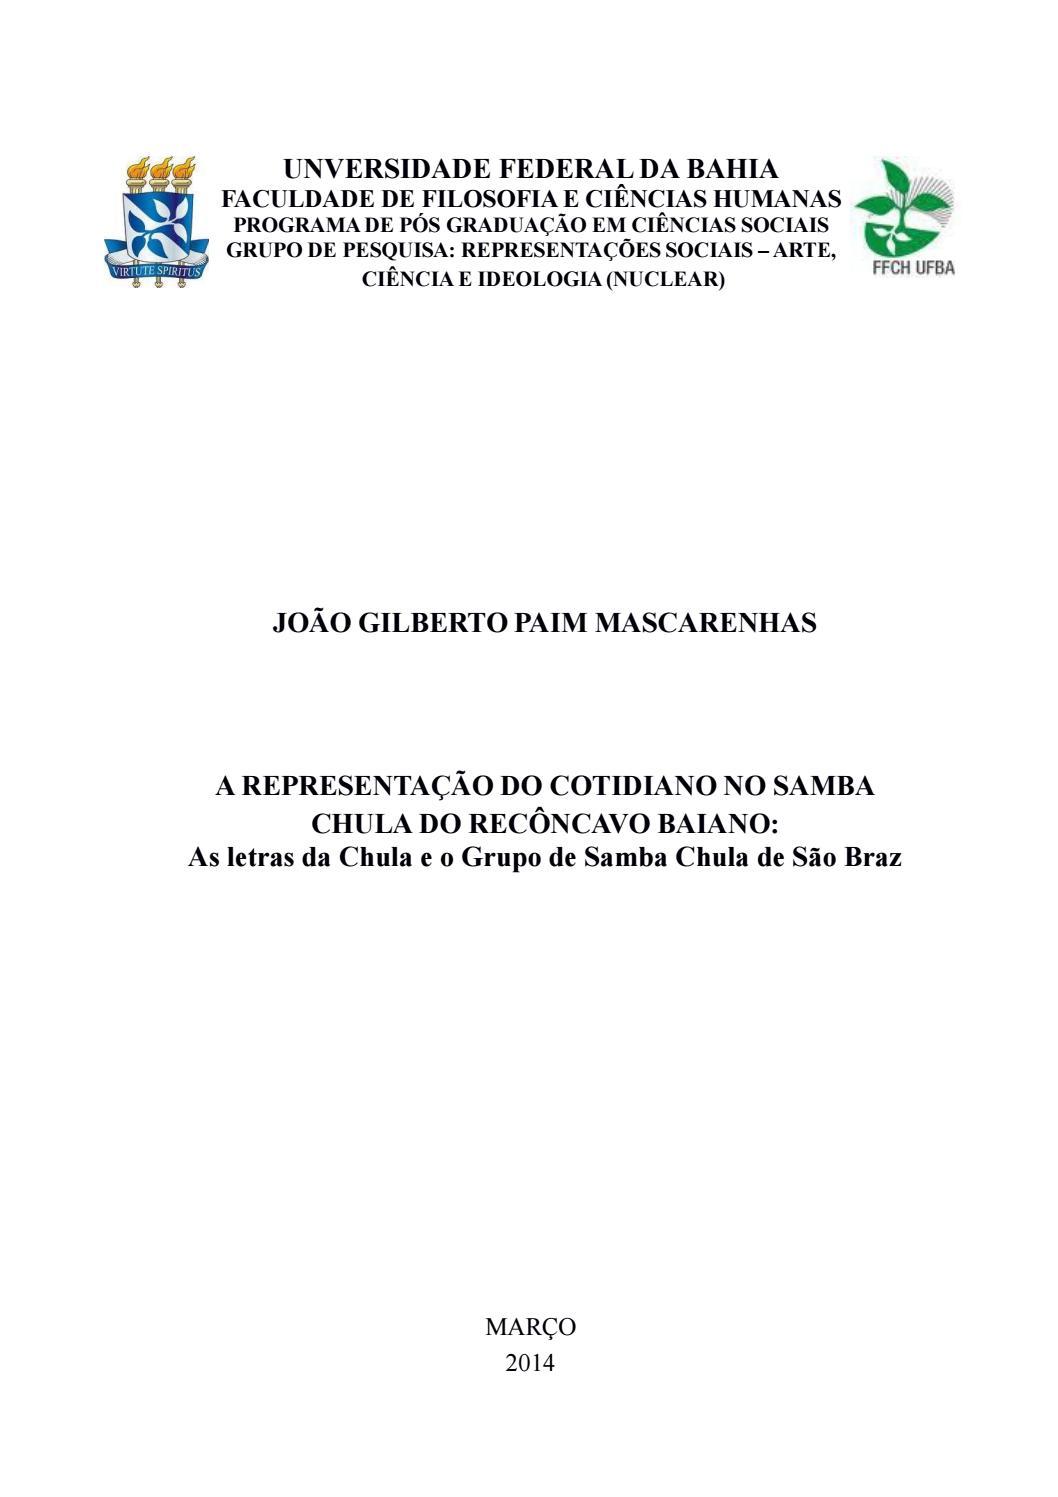 A representação do cotidiano no samba chula do recôncavo baiano  as letras  da chula e o grupo de sam by Portal Academia do Samba - issuu 5051c026bf9